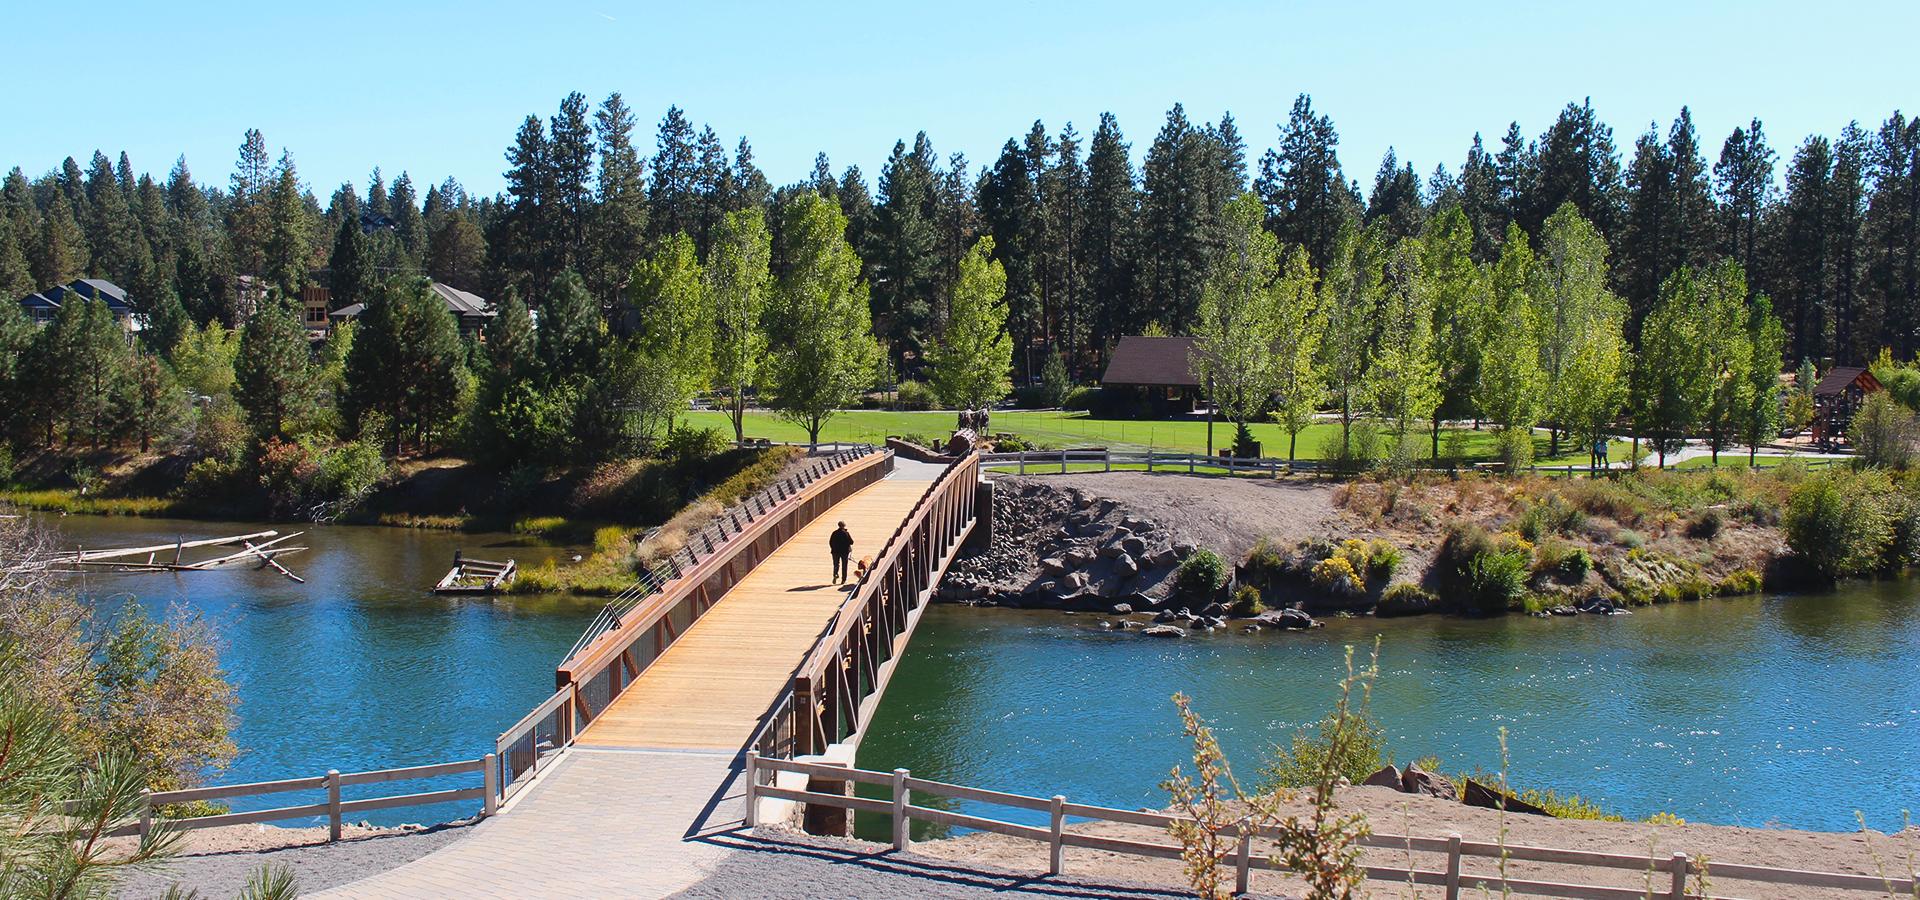 Deschutes-River-Trail_Farewell-Bend-Bridge.jpg